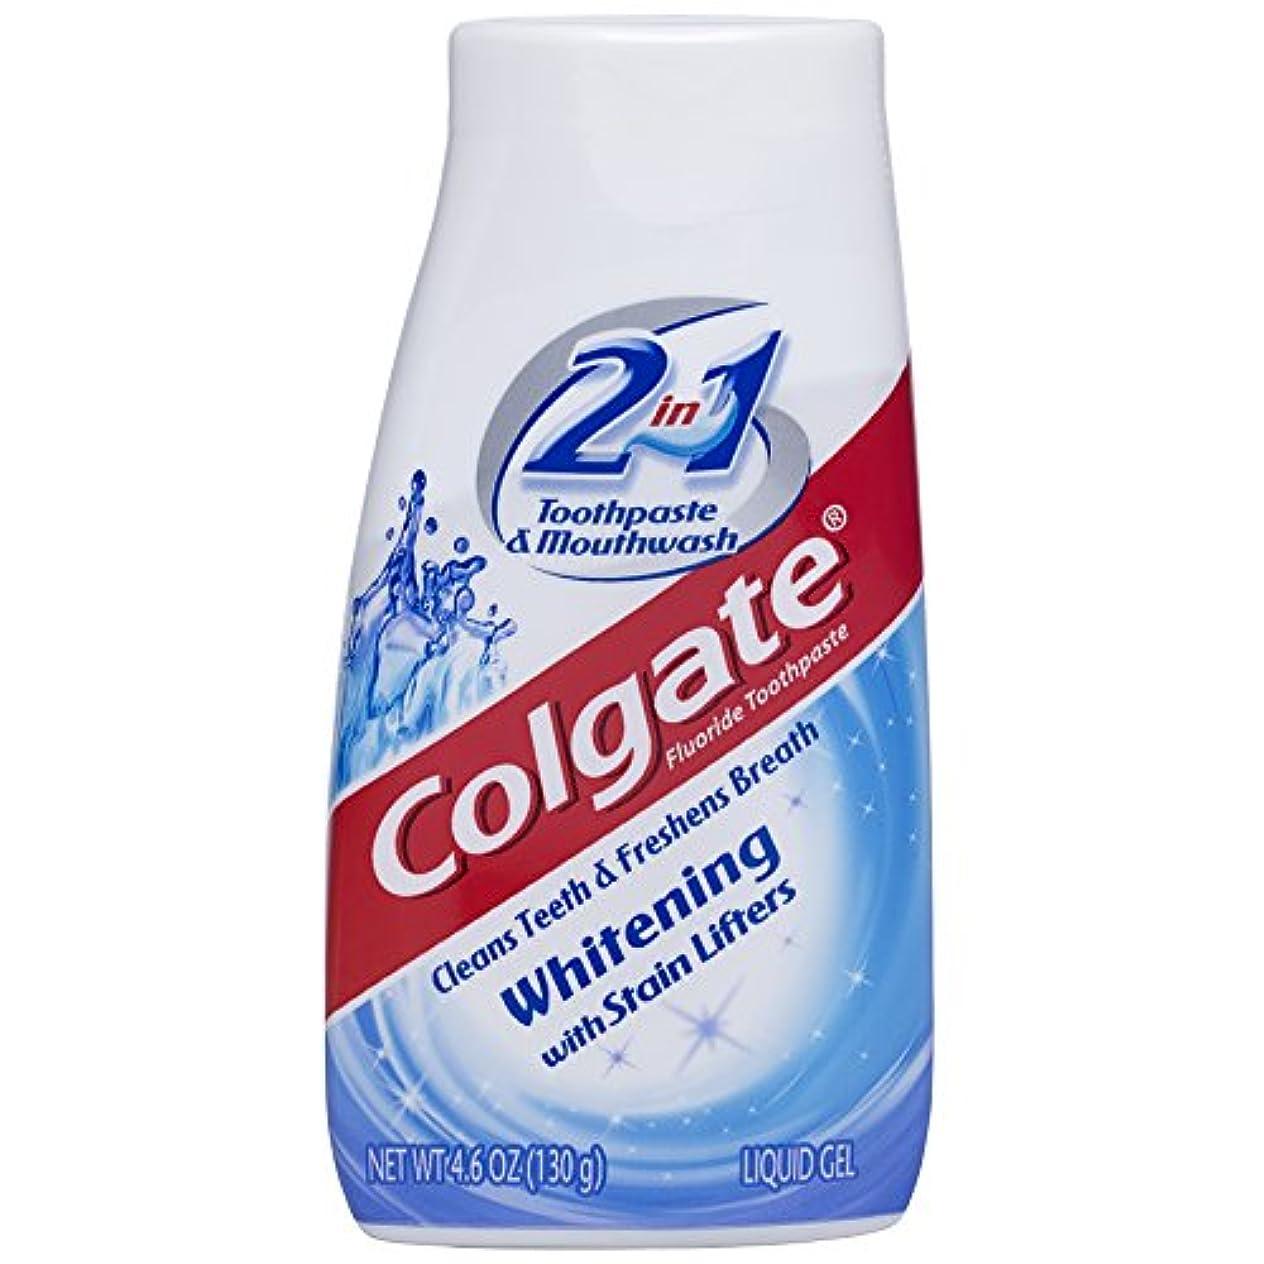 傾向協会組み合わせ海外直送品Colgate 2 In 1 Toothpaste & Mouthwash Whitening, 4.6 oz by Colgate